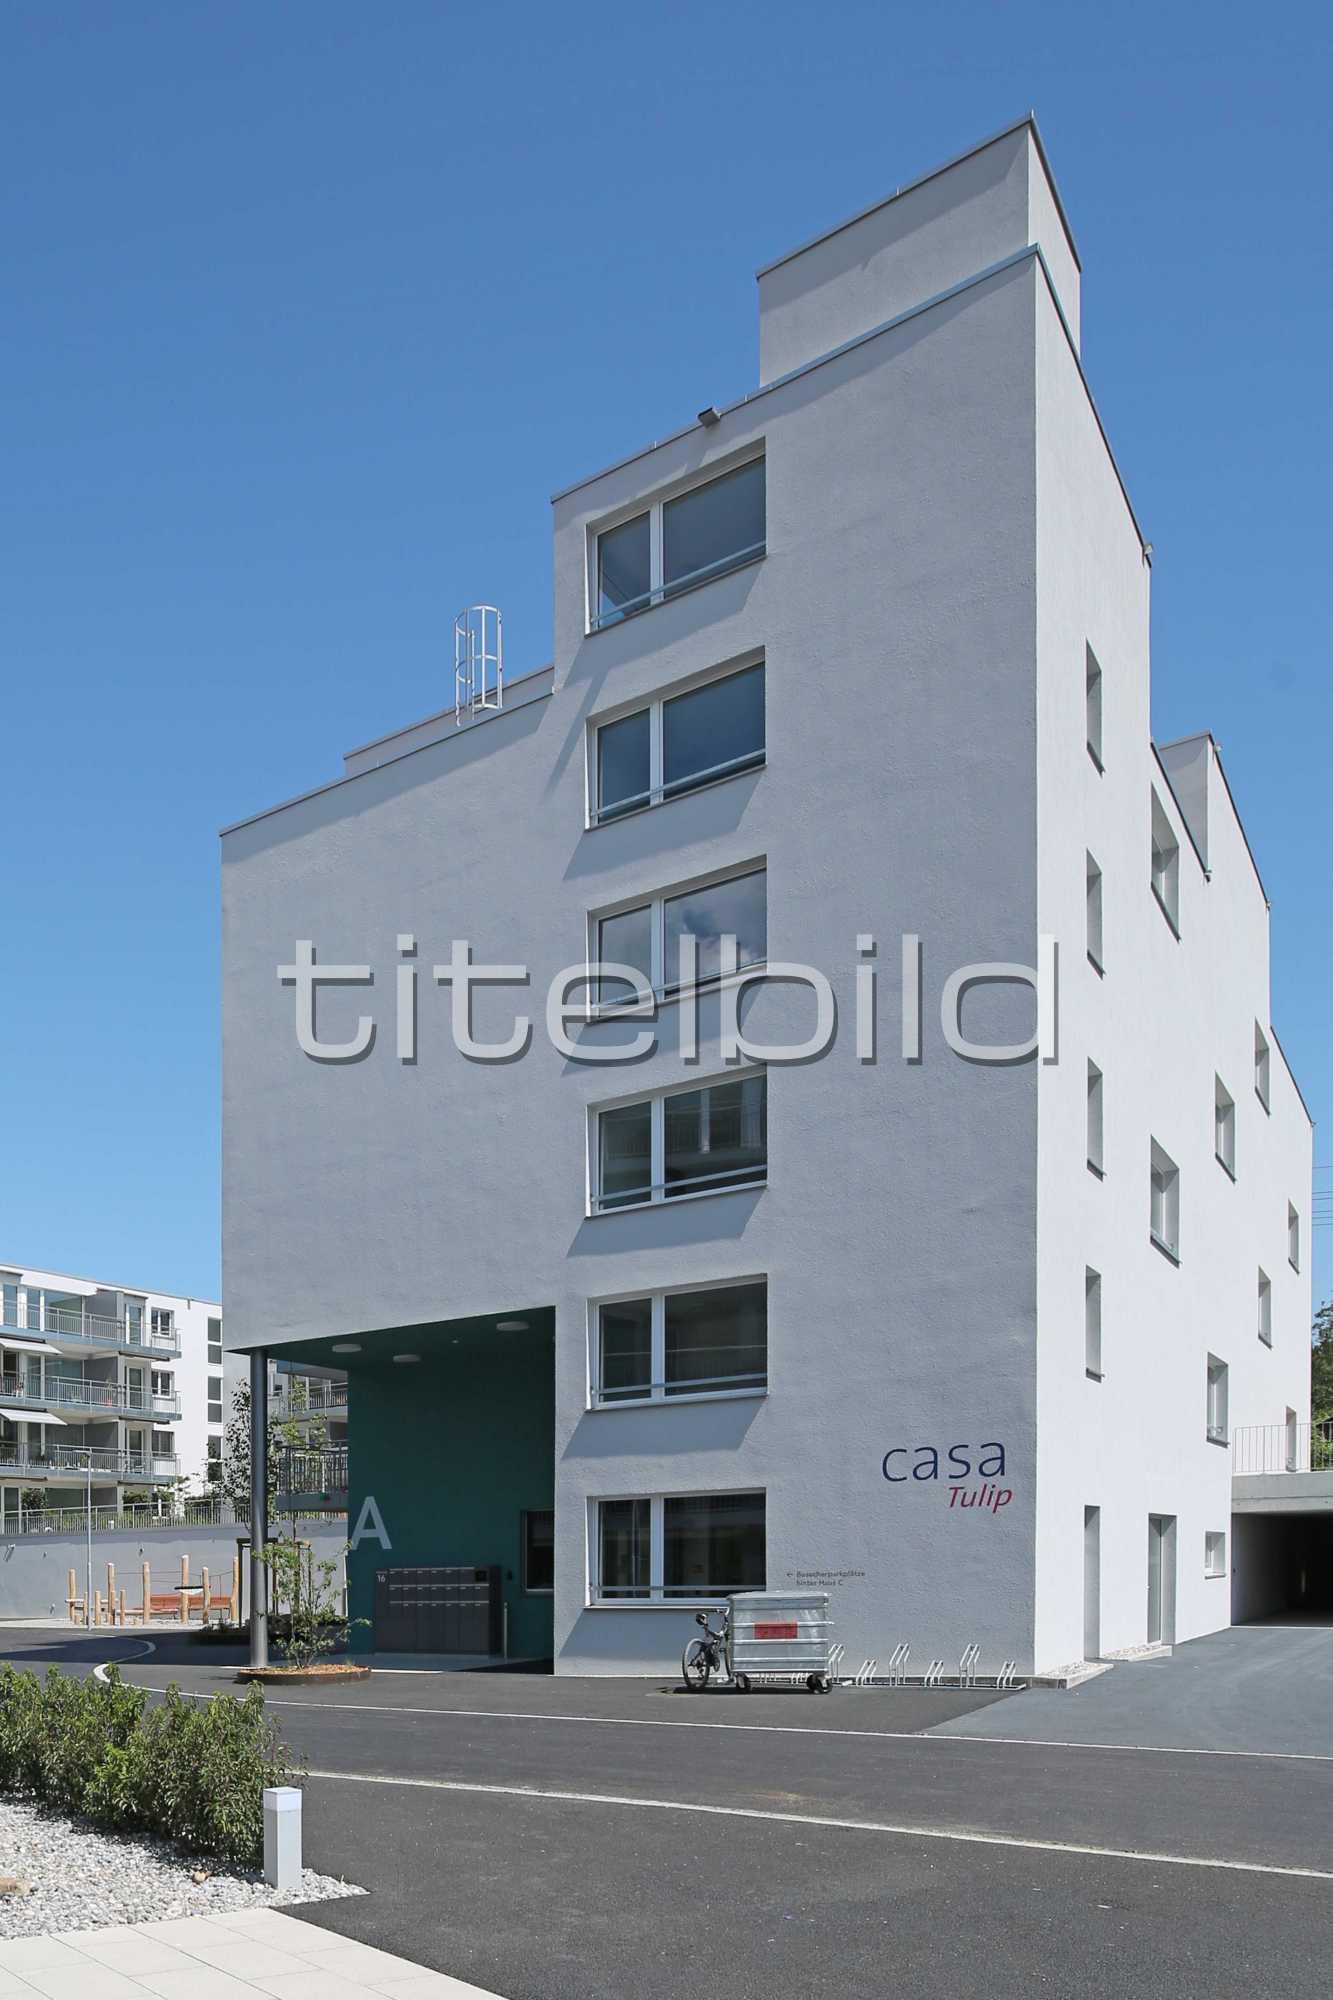 Projektbild-Nr. 2: 4 MFH Casa Tulip